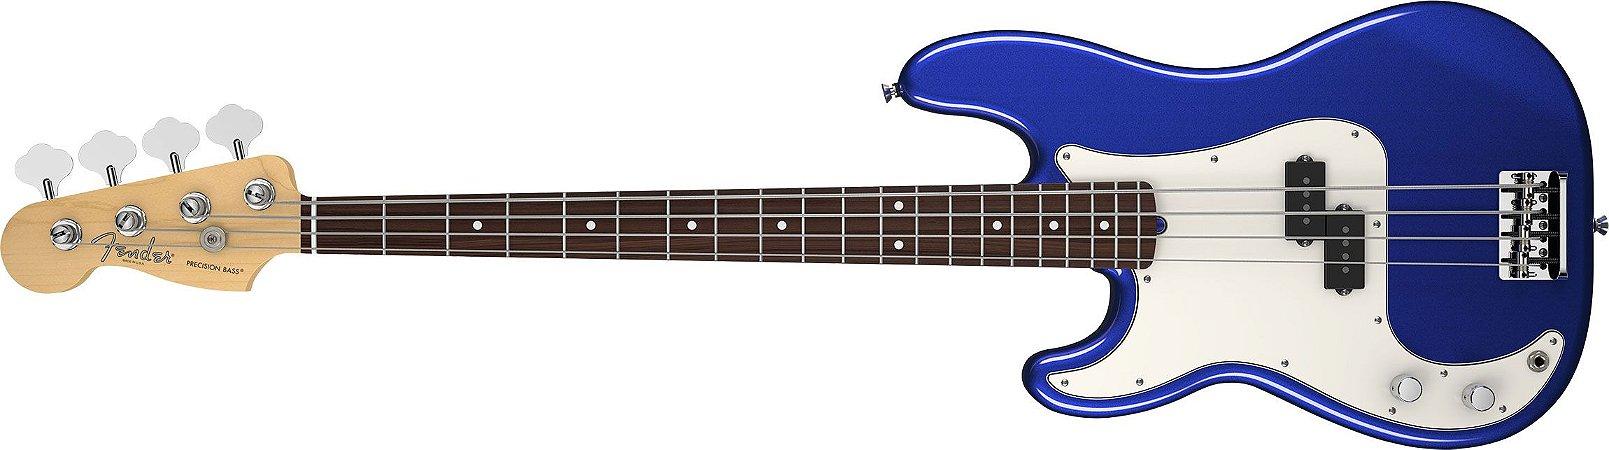 Contrabaixo para Canhotos FENDER 019 3620 - AM Standard Precision Bass LH RW - 795 - Mystic Blue